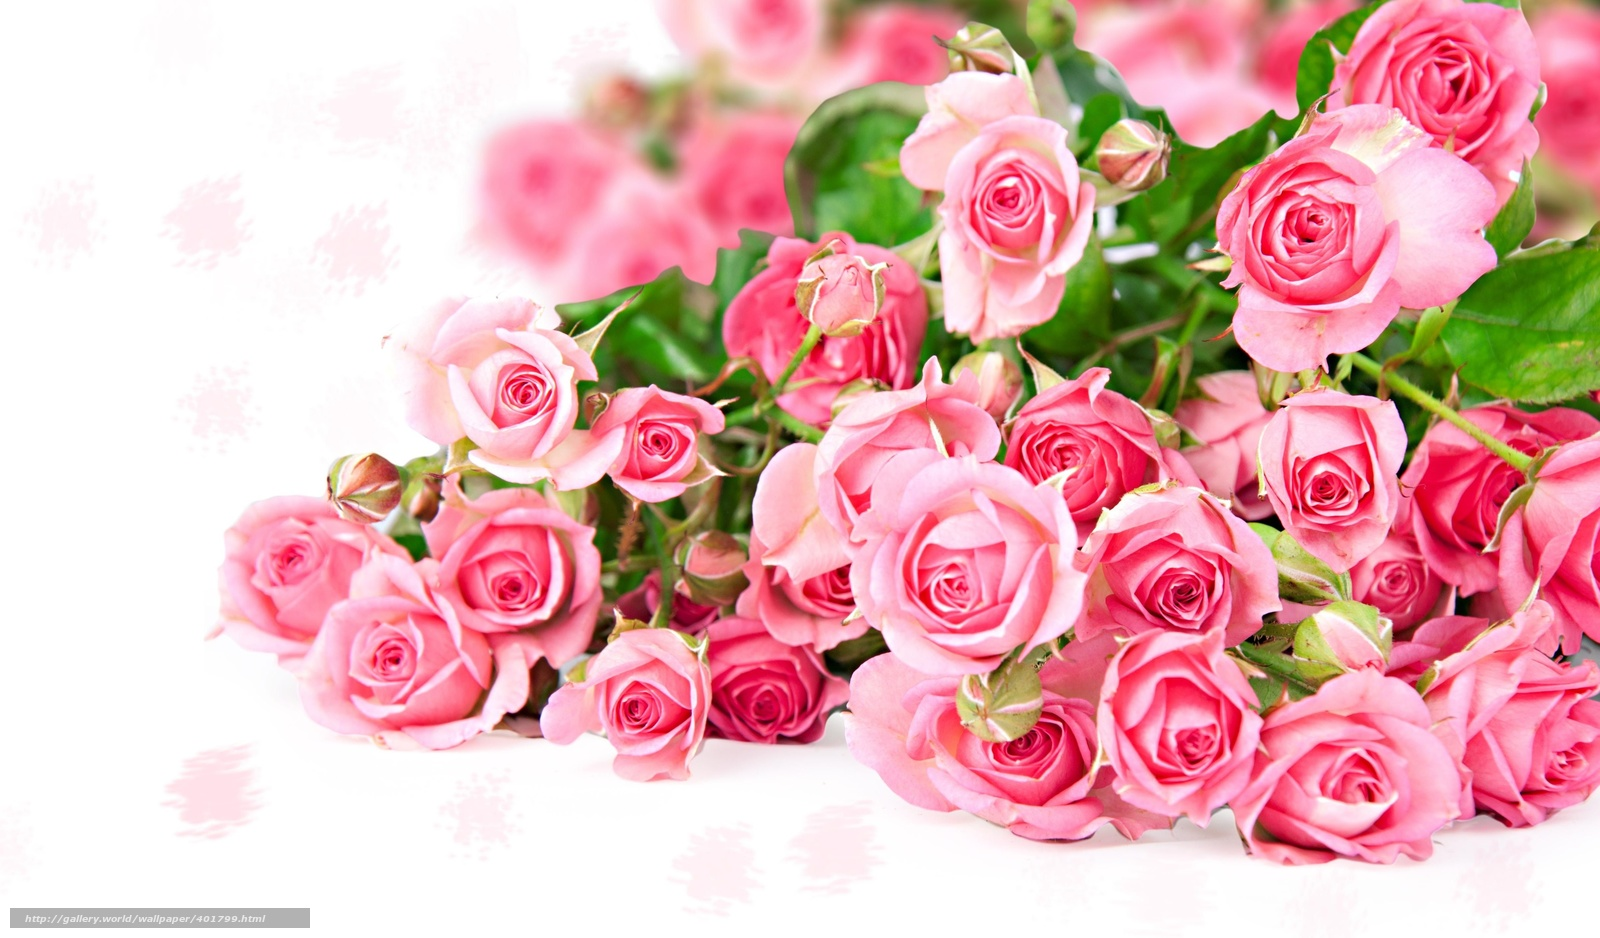 Обои для рабочего стола скачать бесплатно цветы розы 15